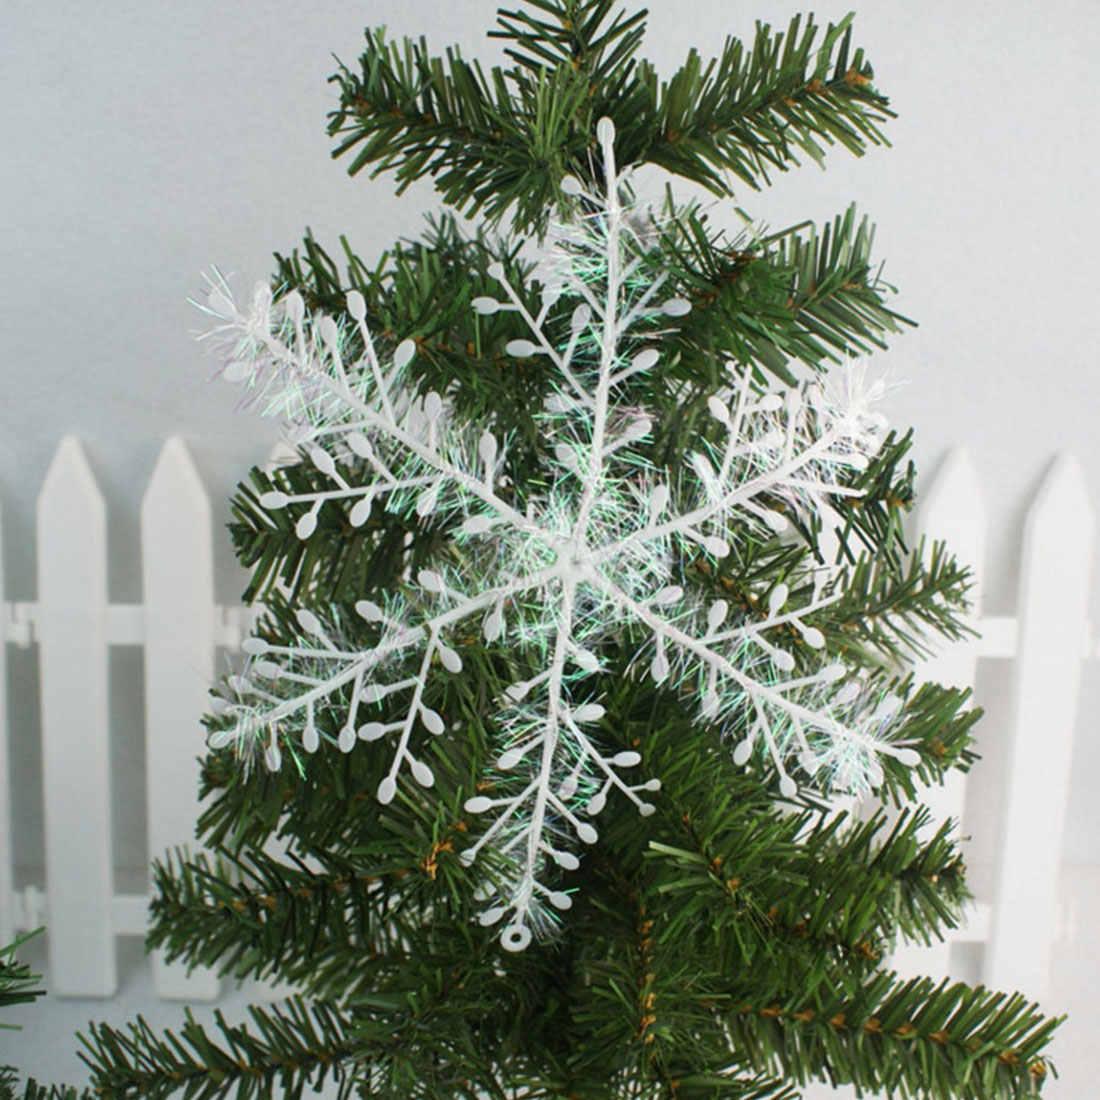 Hot Koop Xmas Kerstboomversiering Witte Sneeuwvlokken Plastic Kunstmatige Sneeuw Kerst Decoraties voor Huis